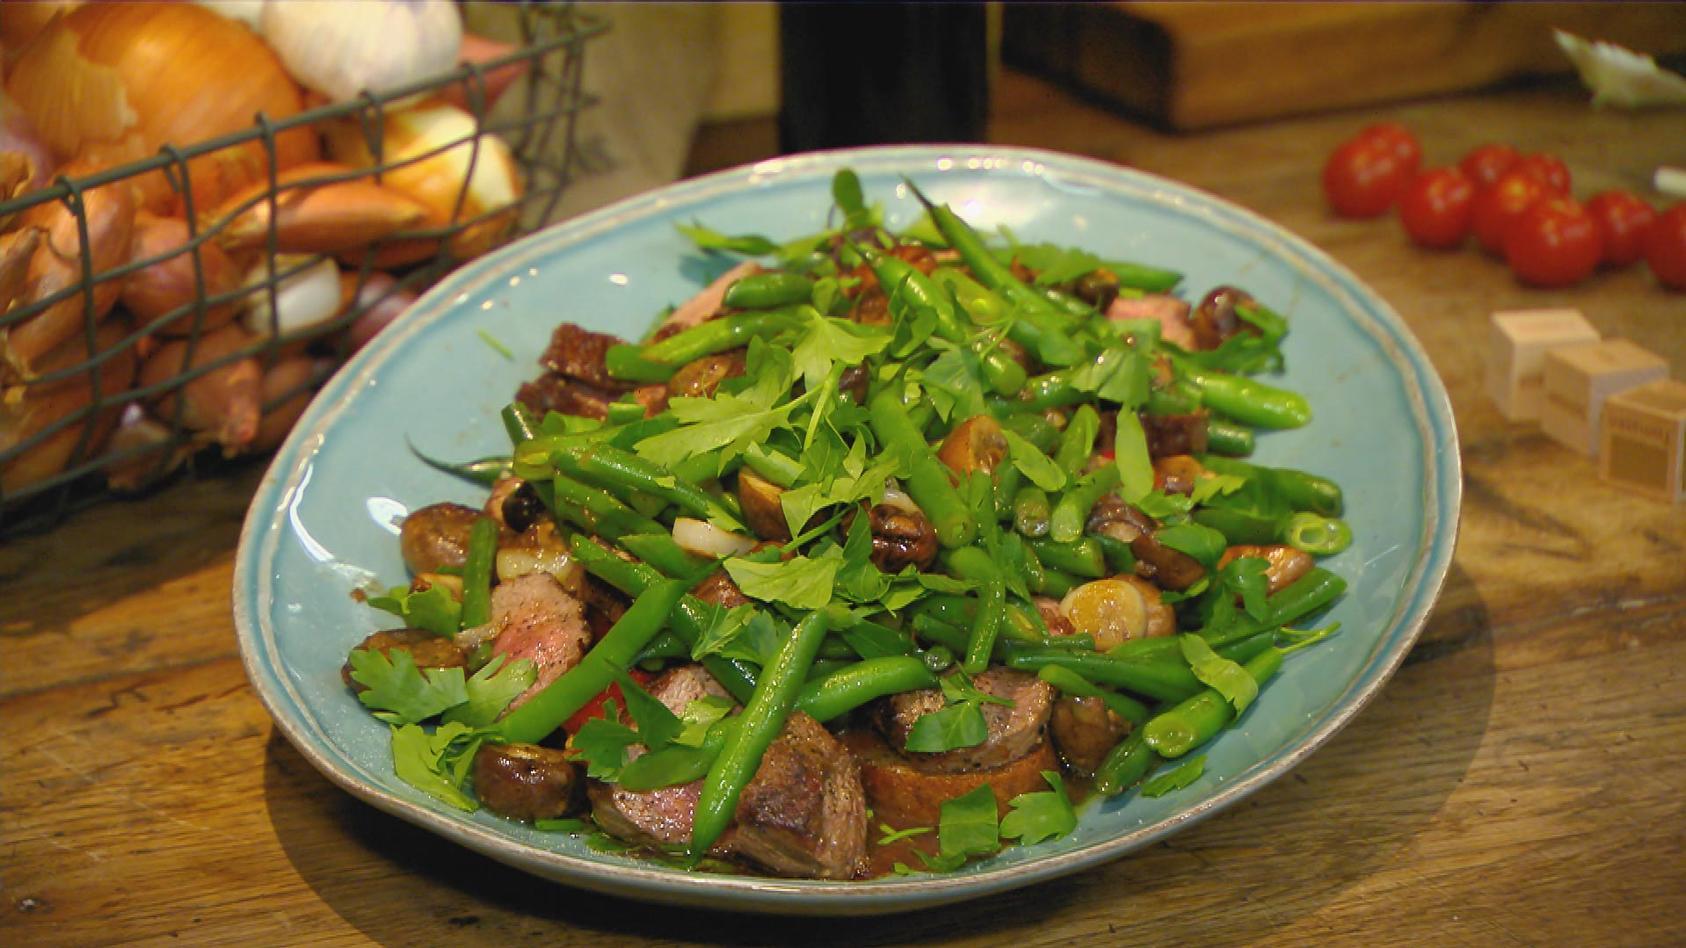 Überraschung! – Spontan kreative Gerichte zaubern:   Überraschungsgericht – Lämmchen im Gemüsegarten